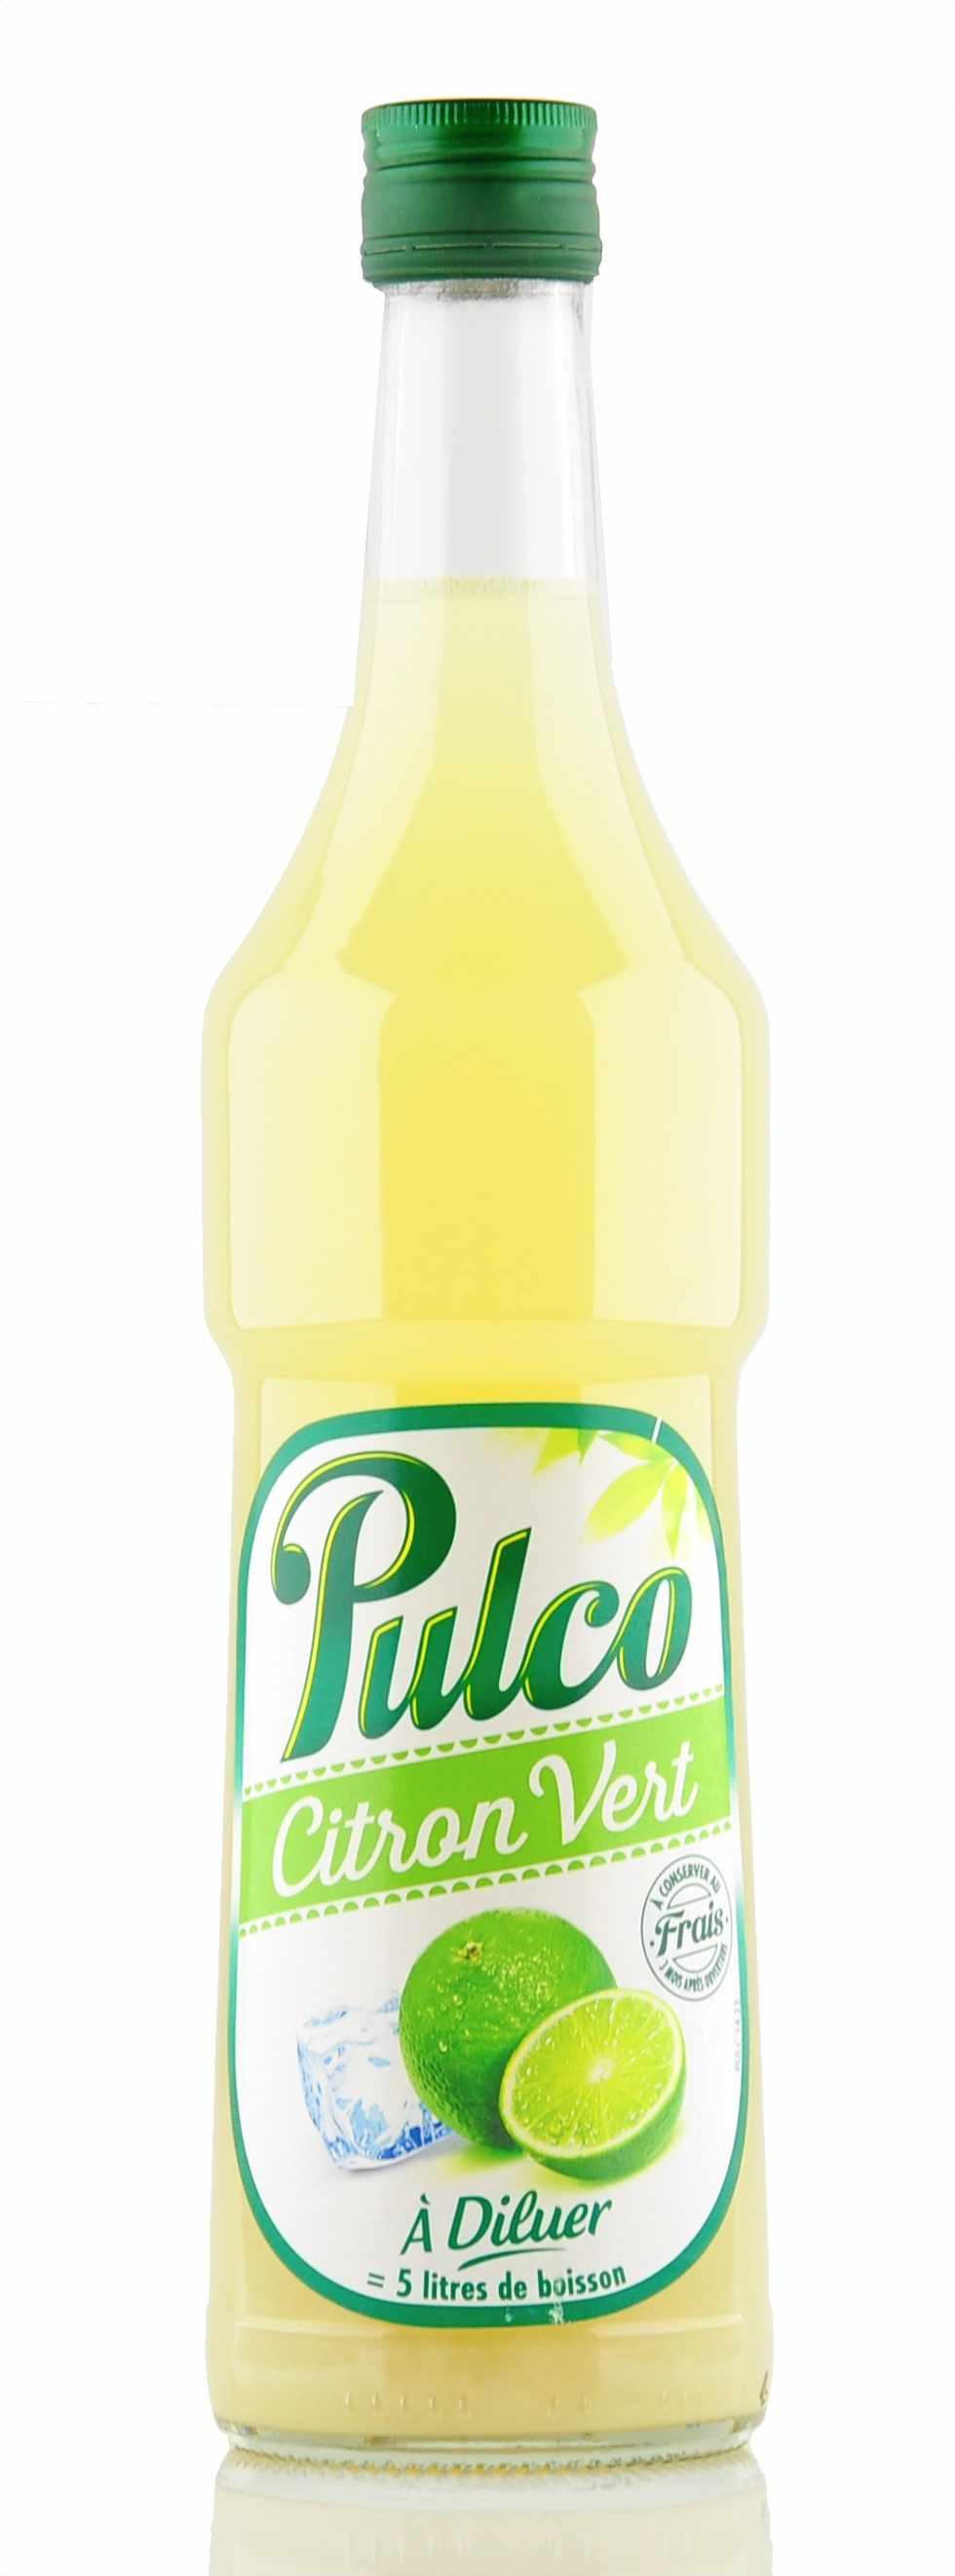 Pulco Limette